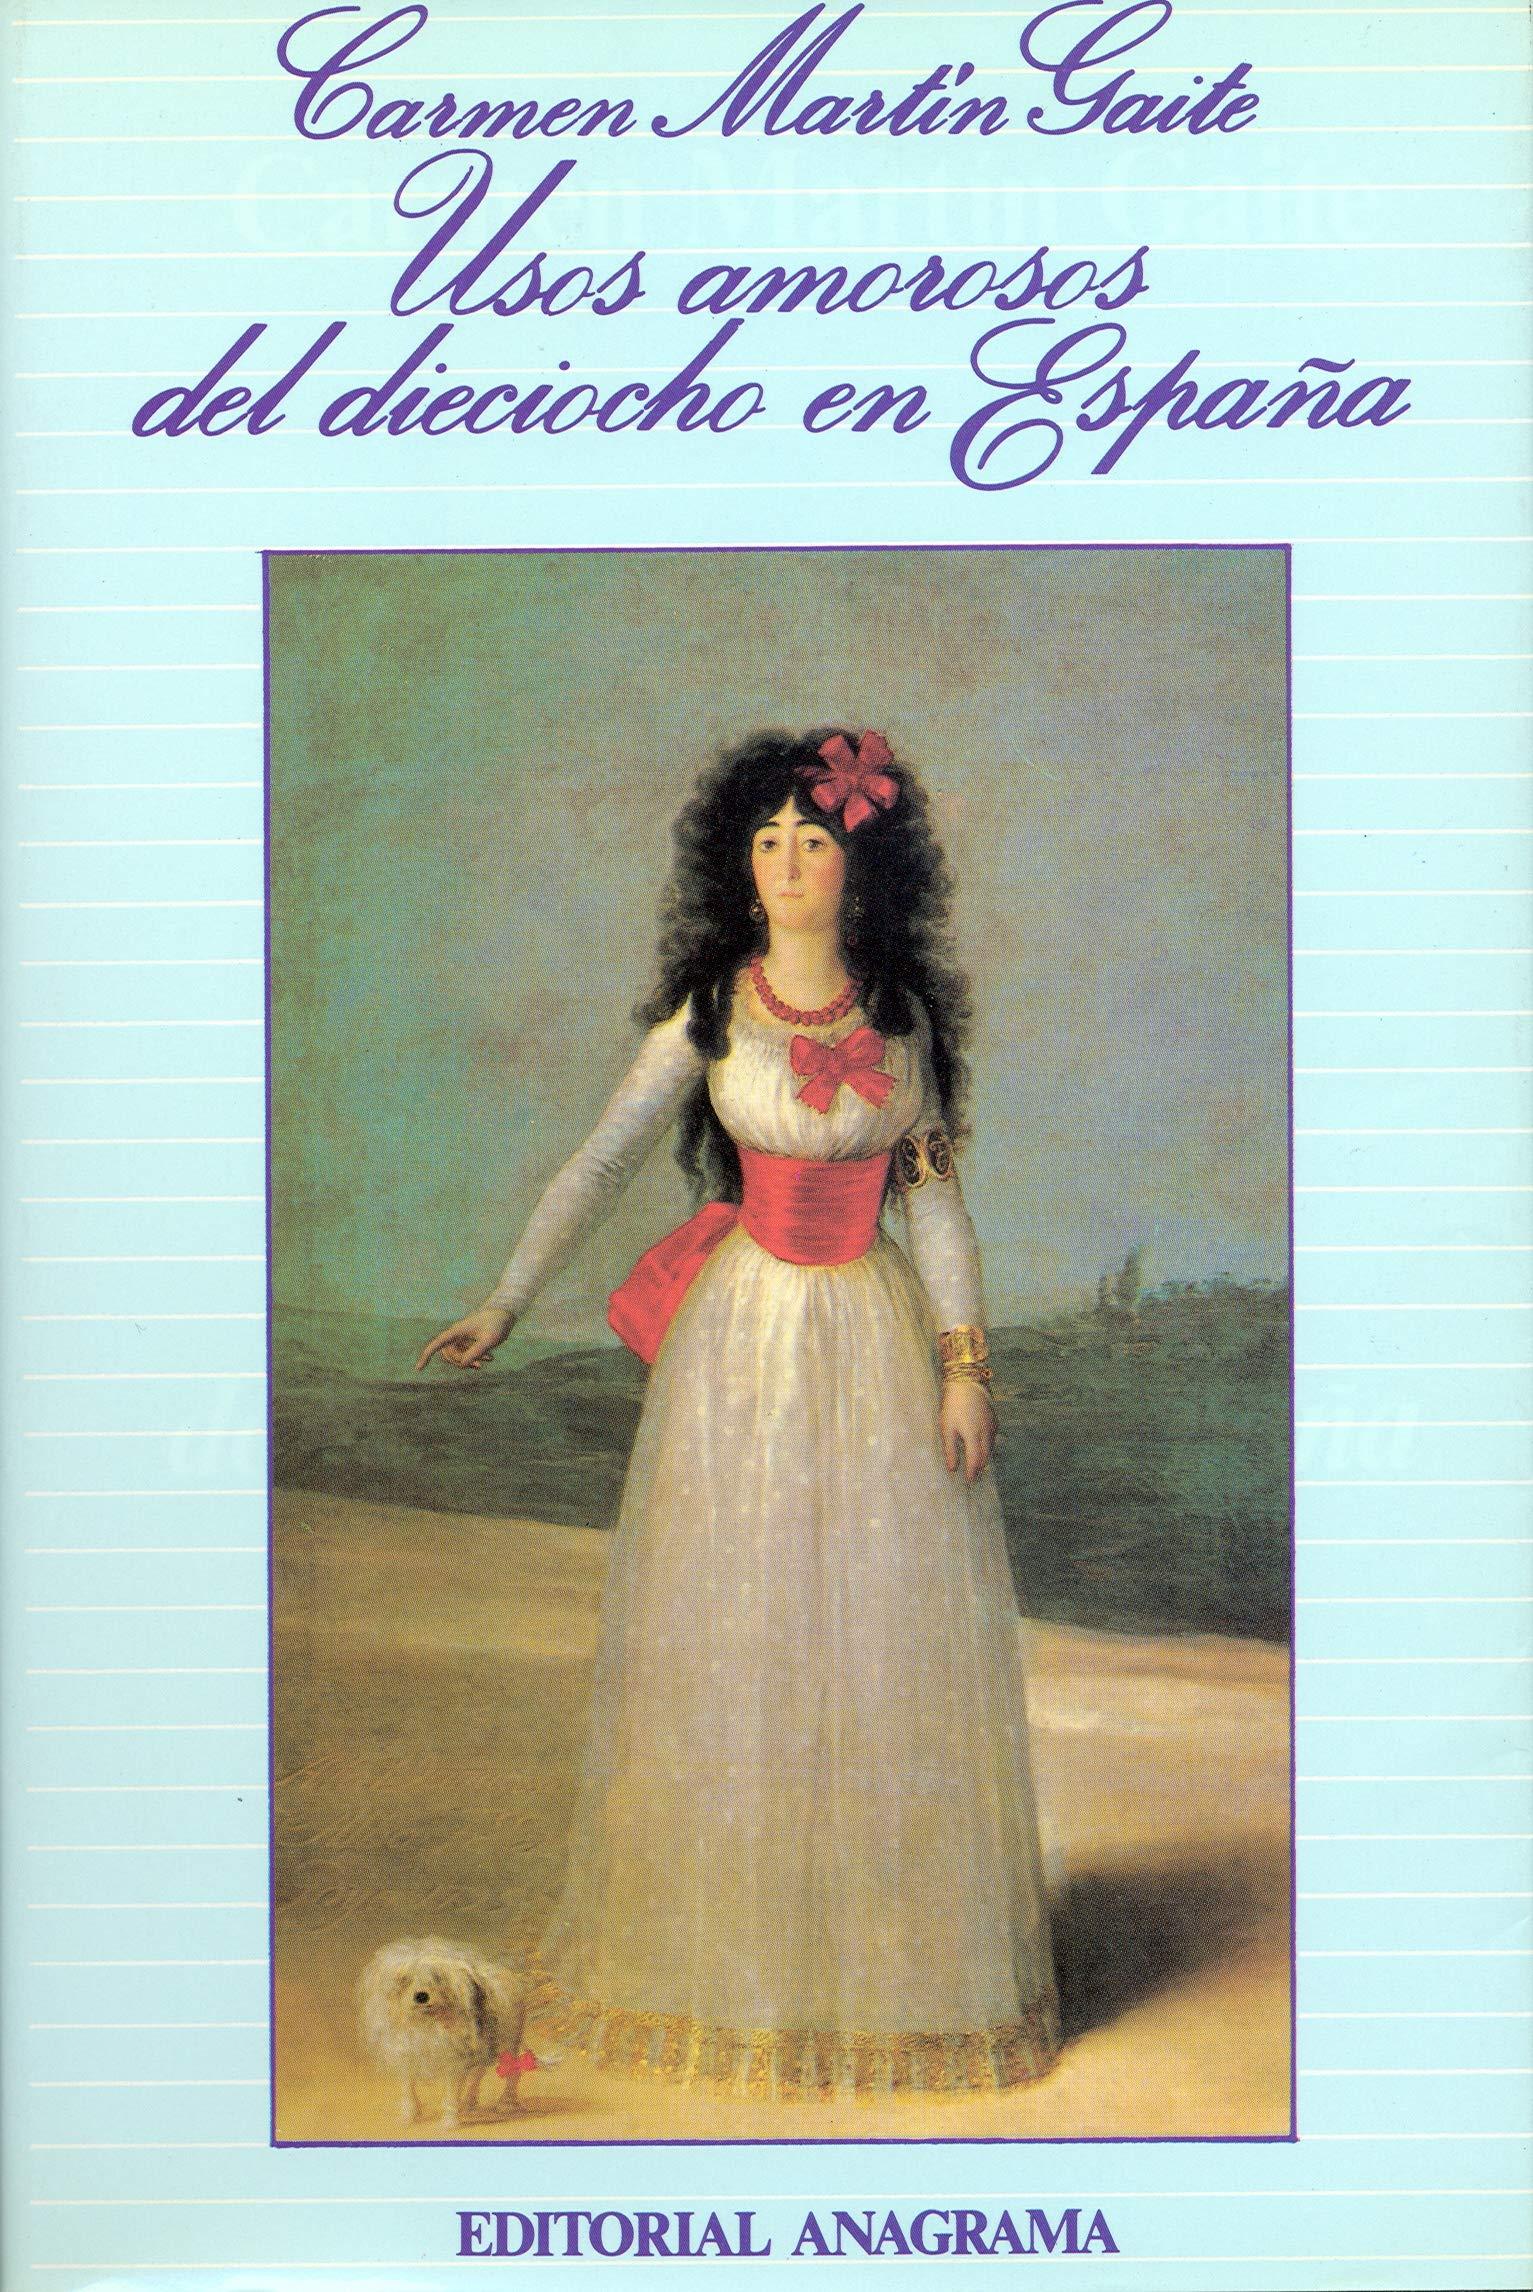 Usos amorosos del dieciocho en España Argumentos : 86: Amazon.es: Martín Gaite, Carmen: Libros